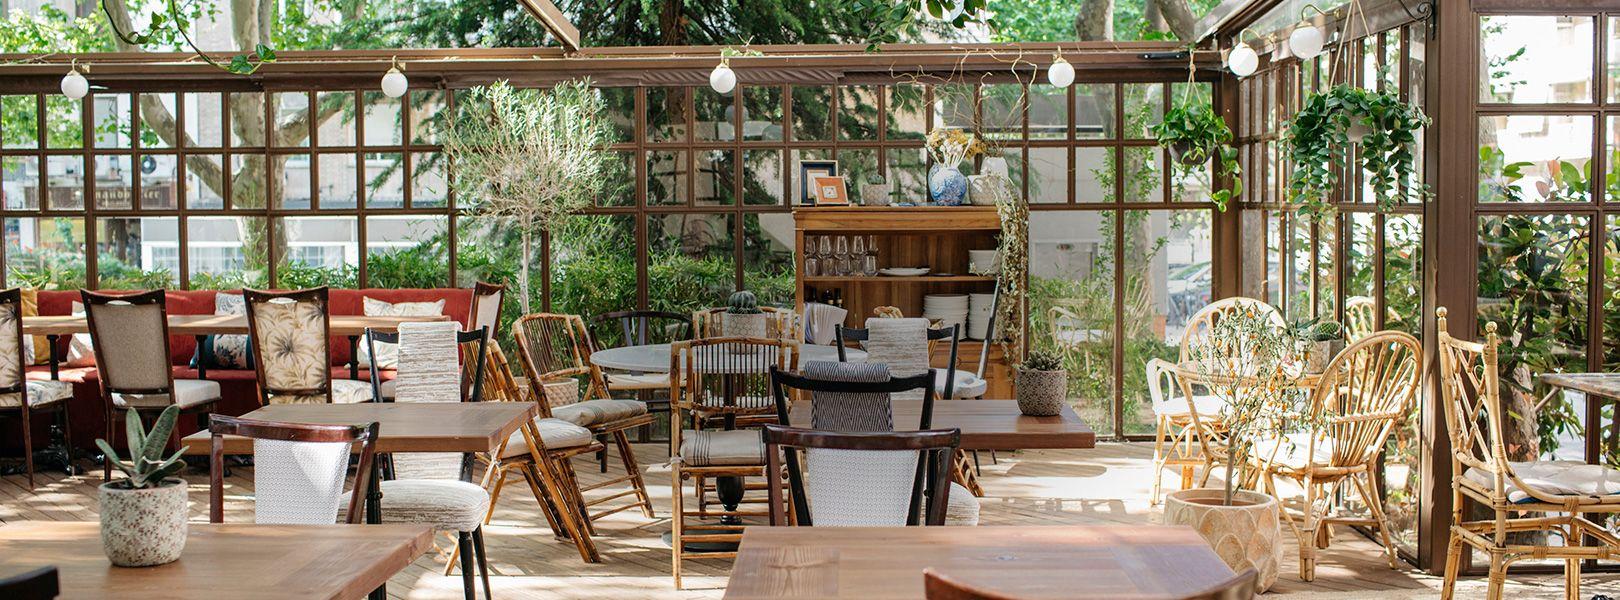 Contactar Con Restaurante De Cocina Mediterranea Graciela En  # Muebles Hoznayo